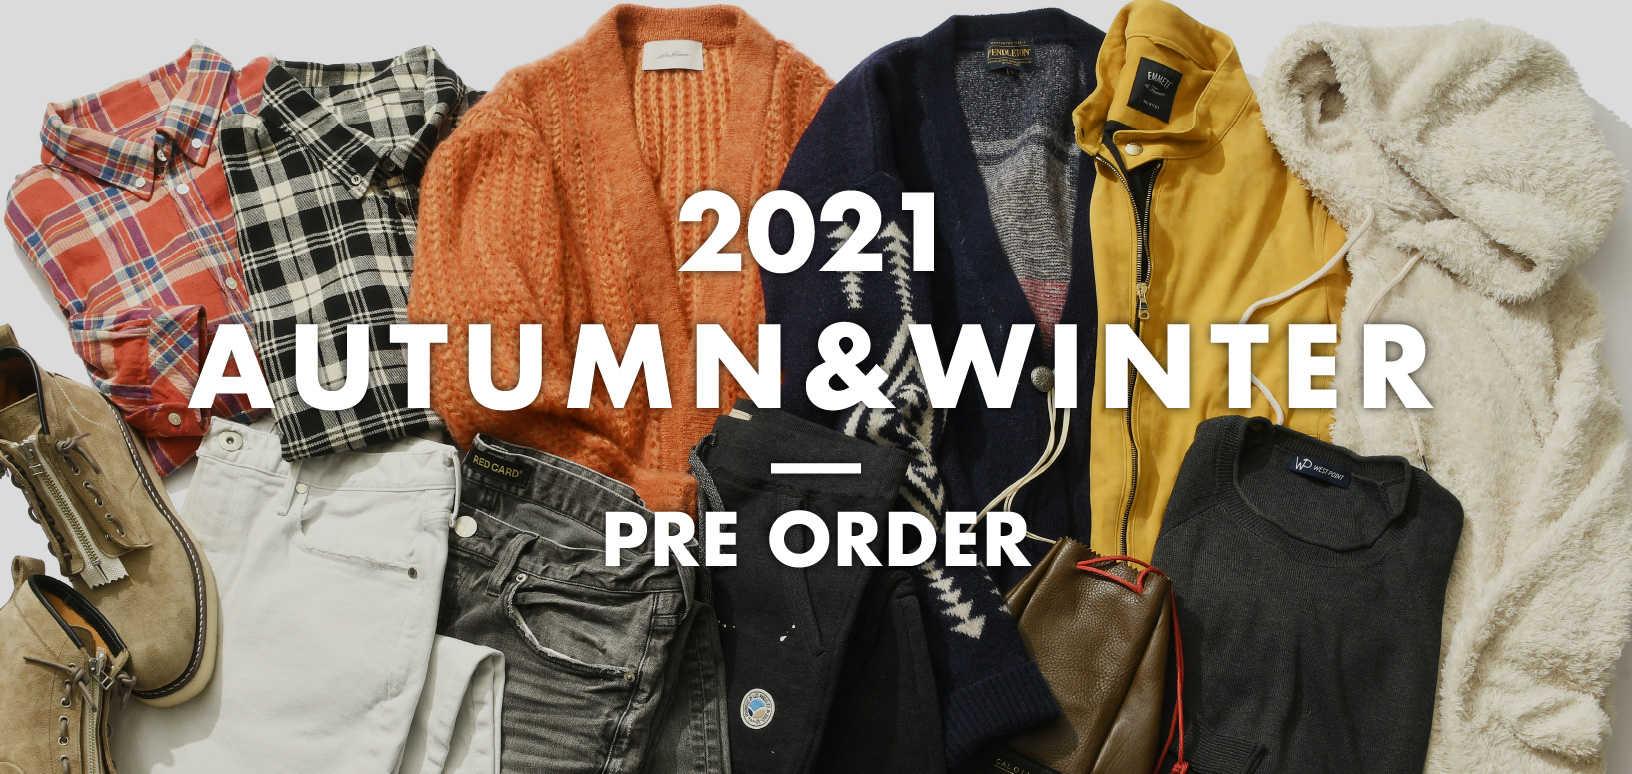 2021 AUTUMN & WINTER PRE ORDER vol.1